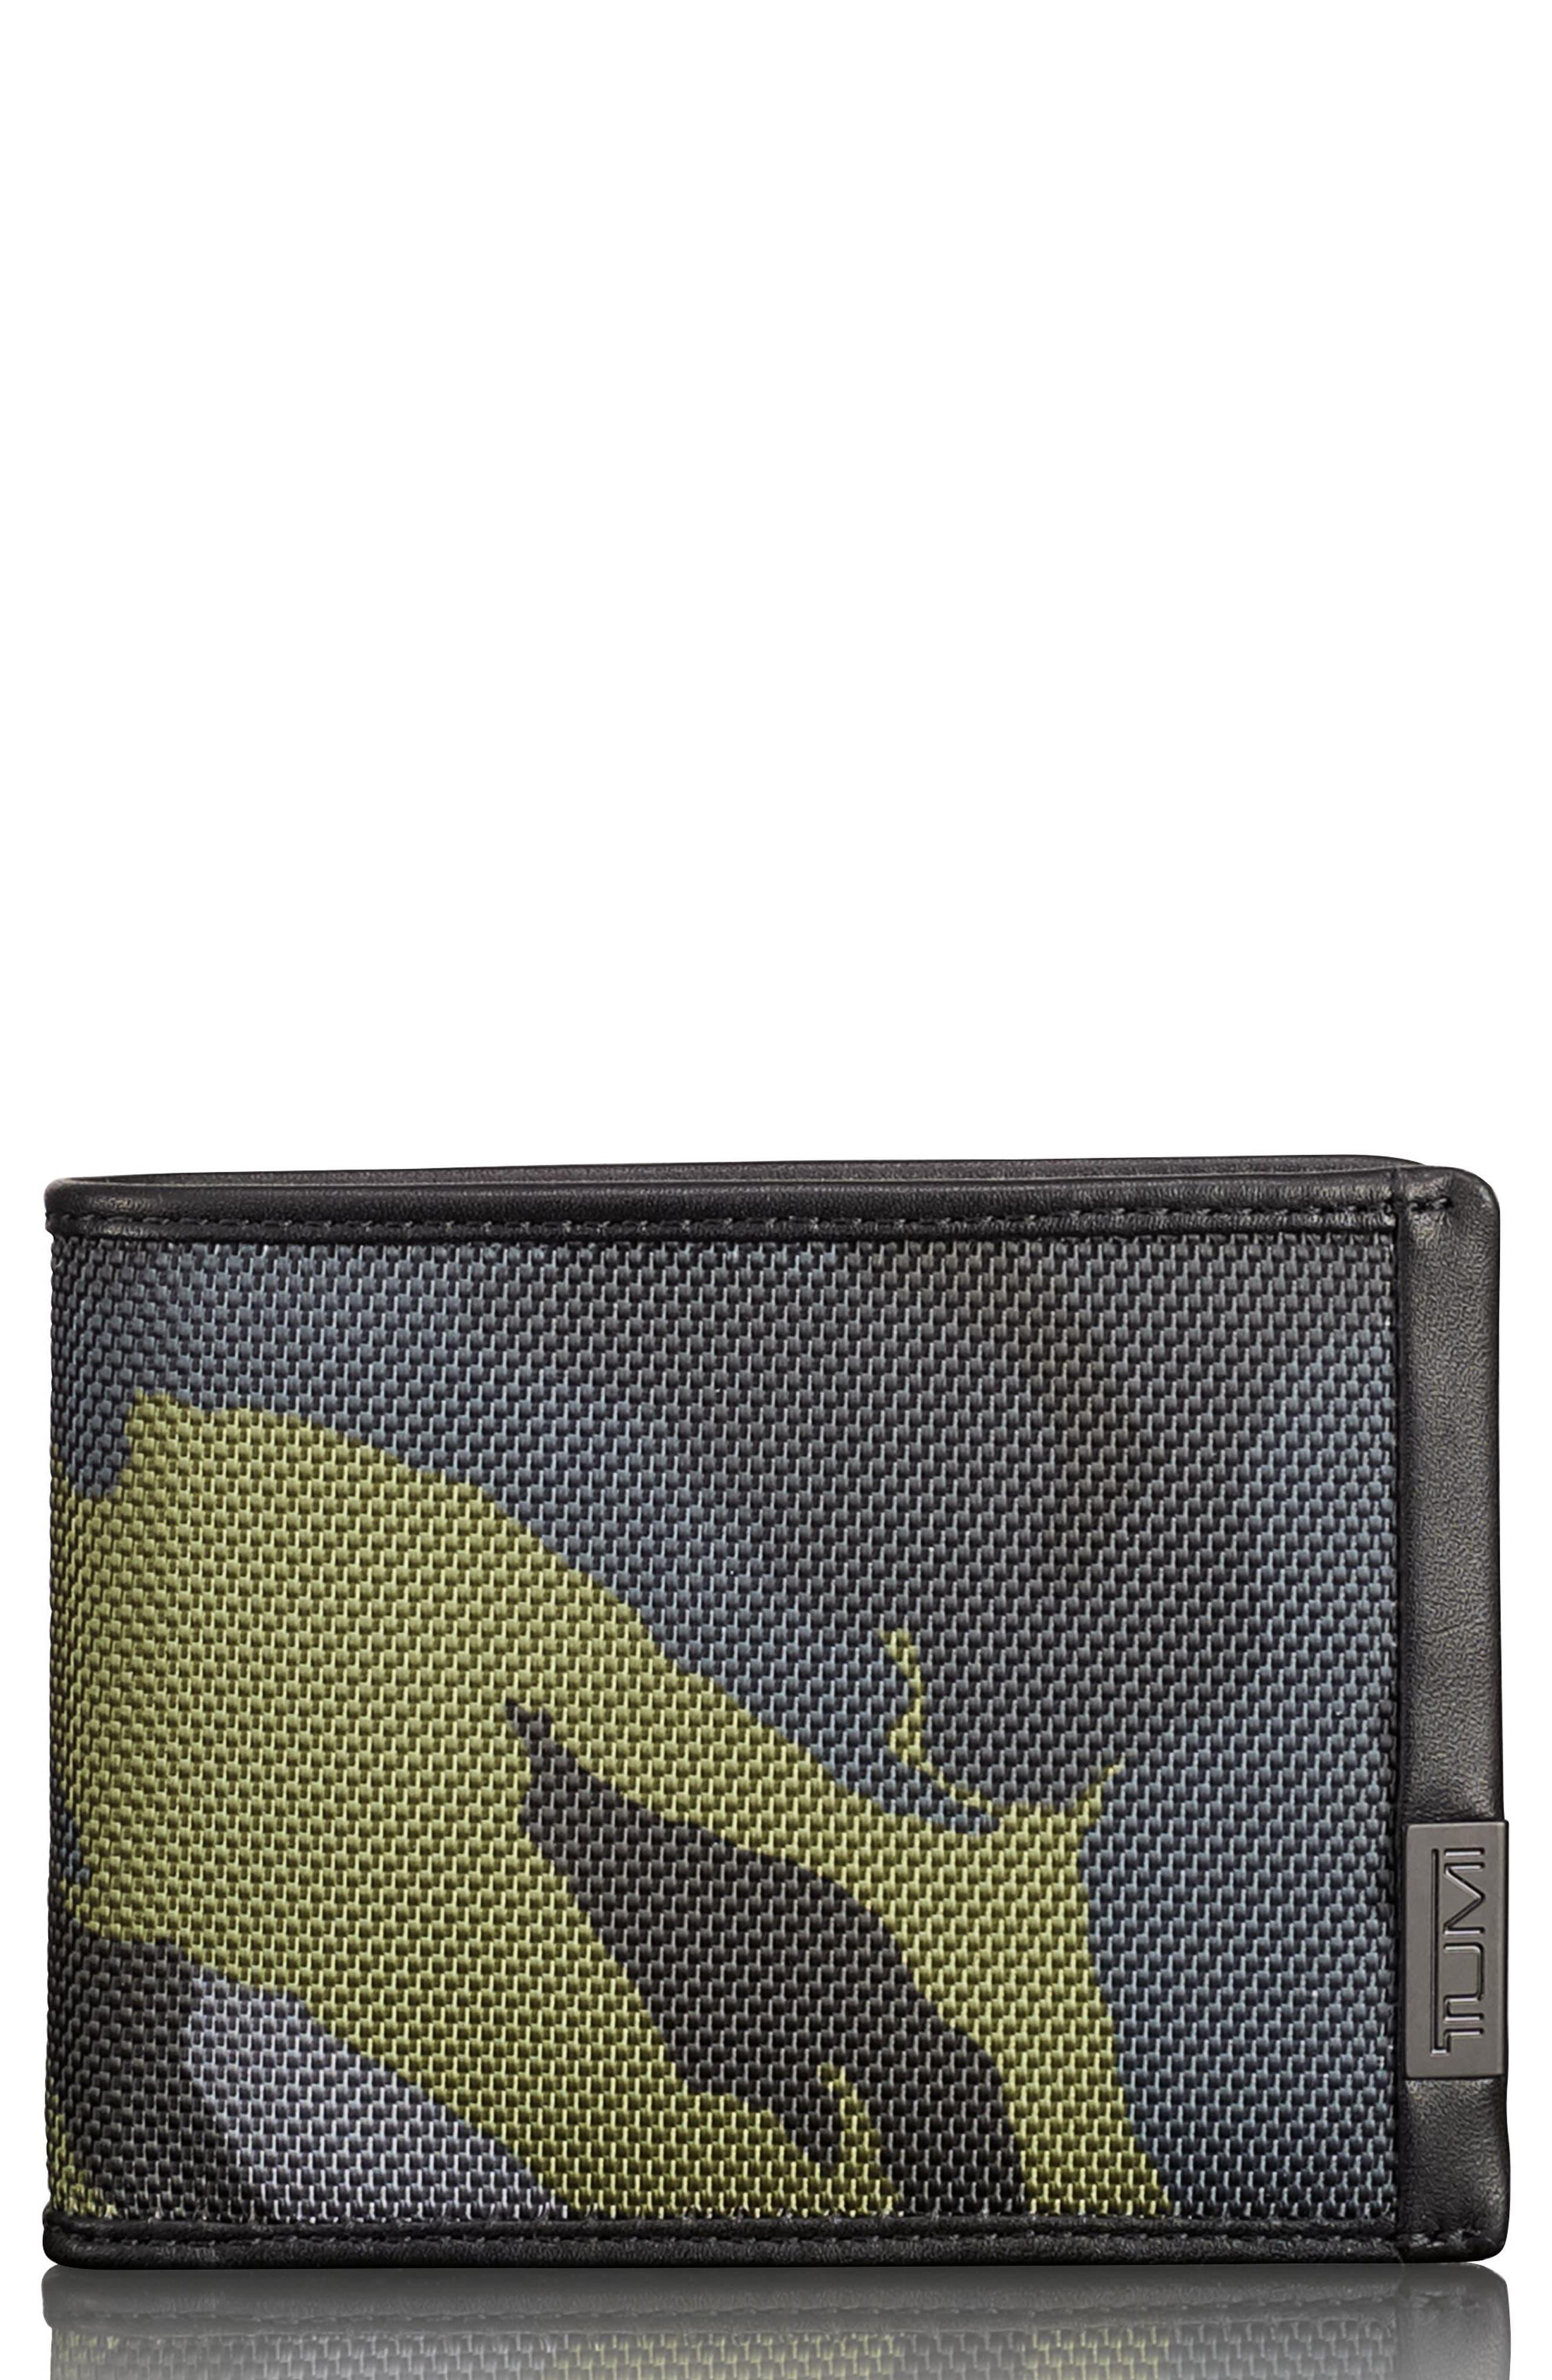 Alpha Billfold Wallet,                             Main thumbnail 1, color,                             Green Camo